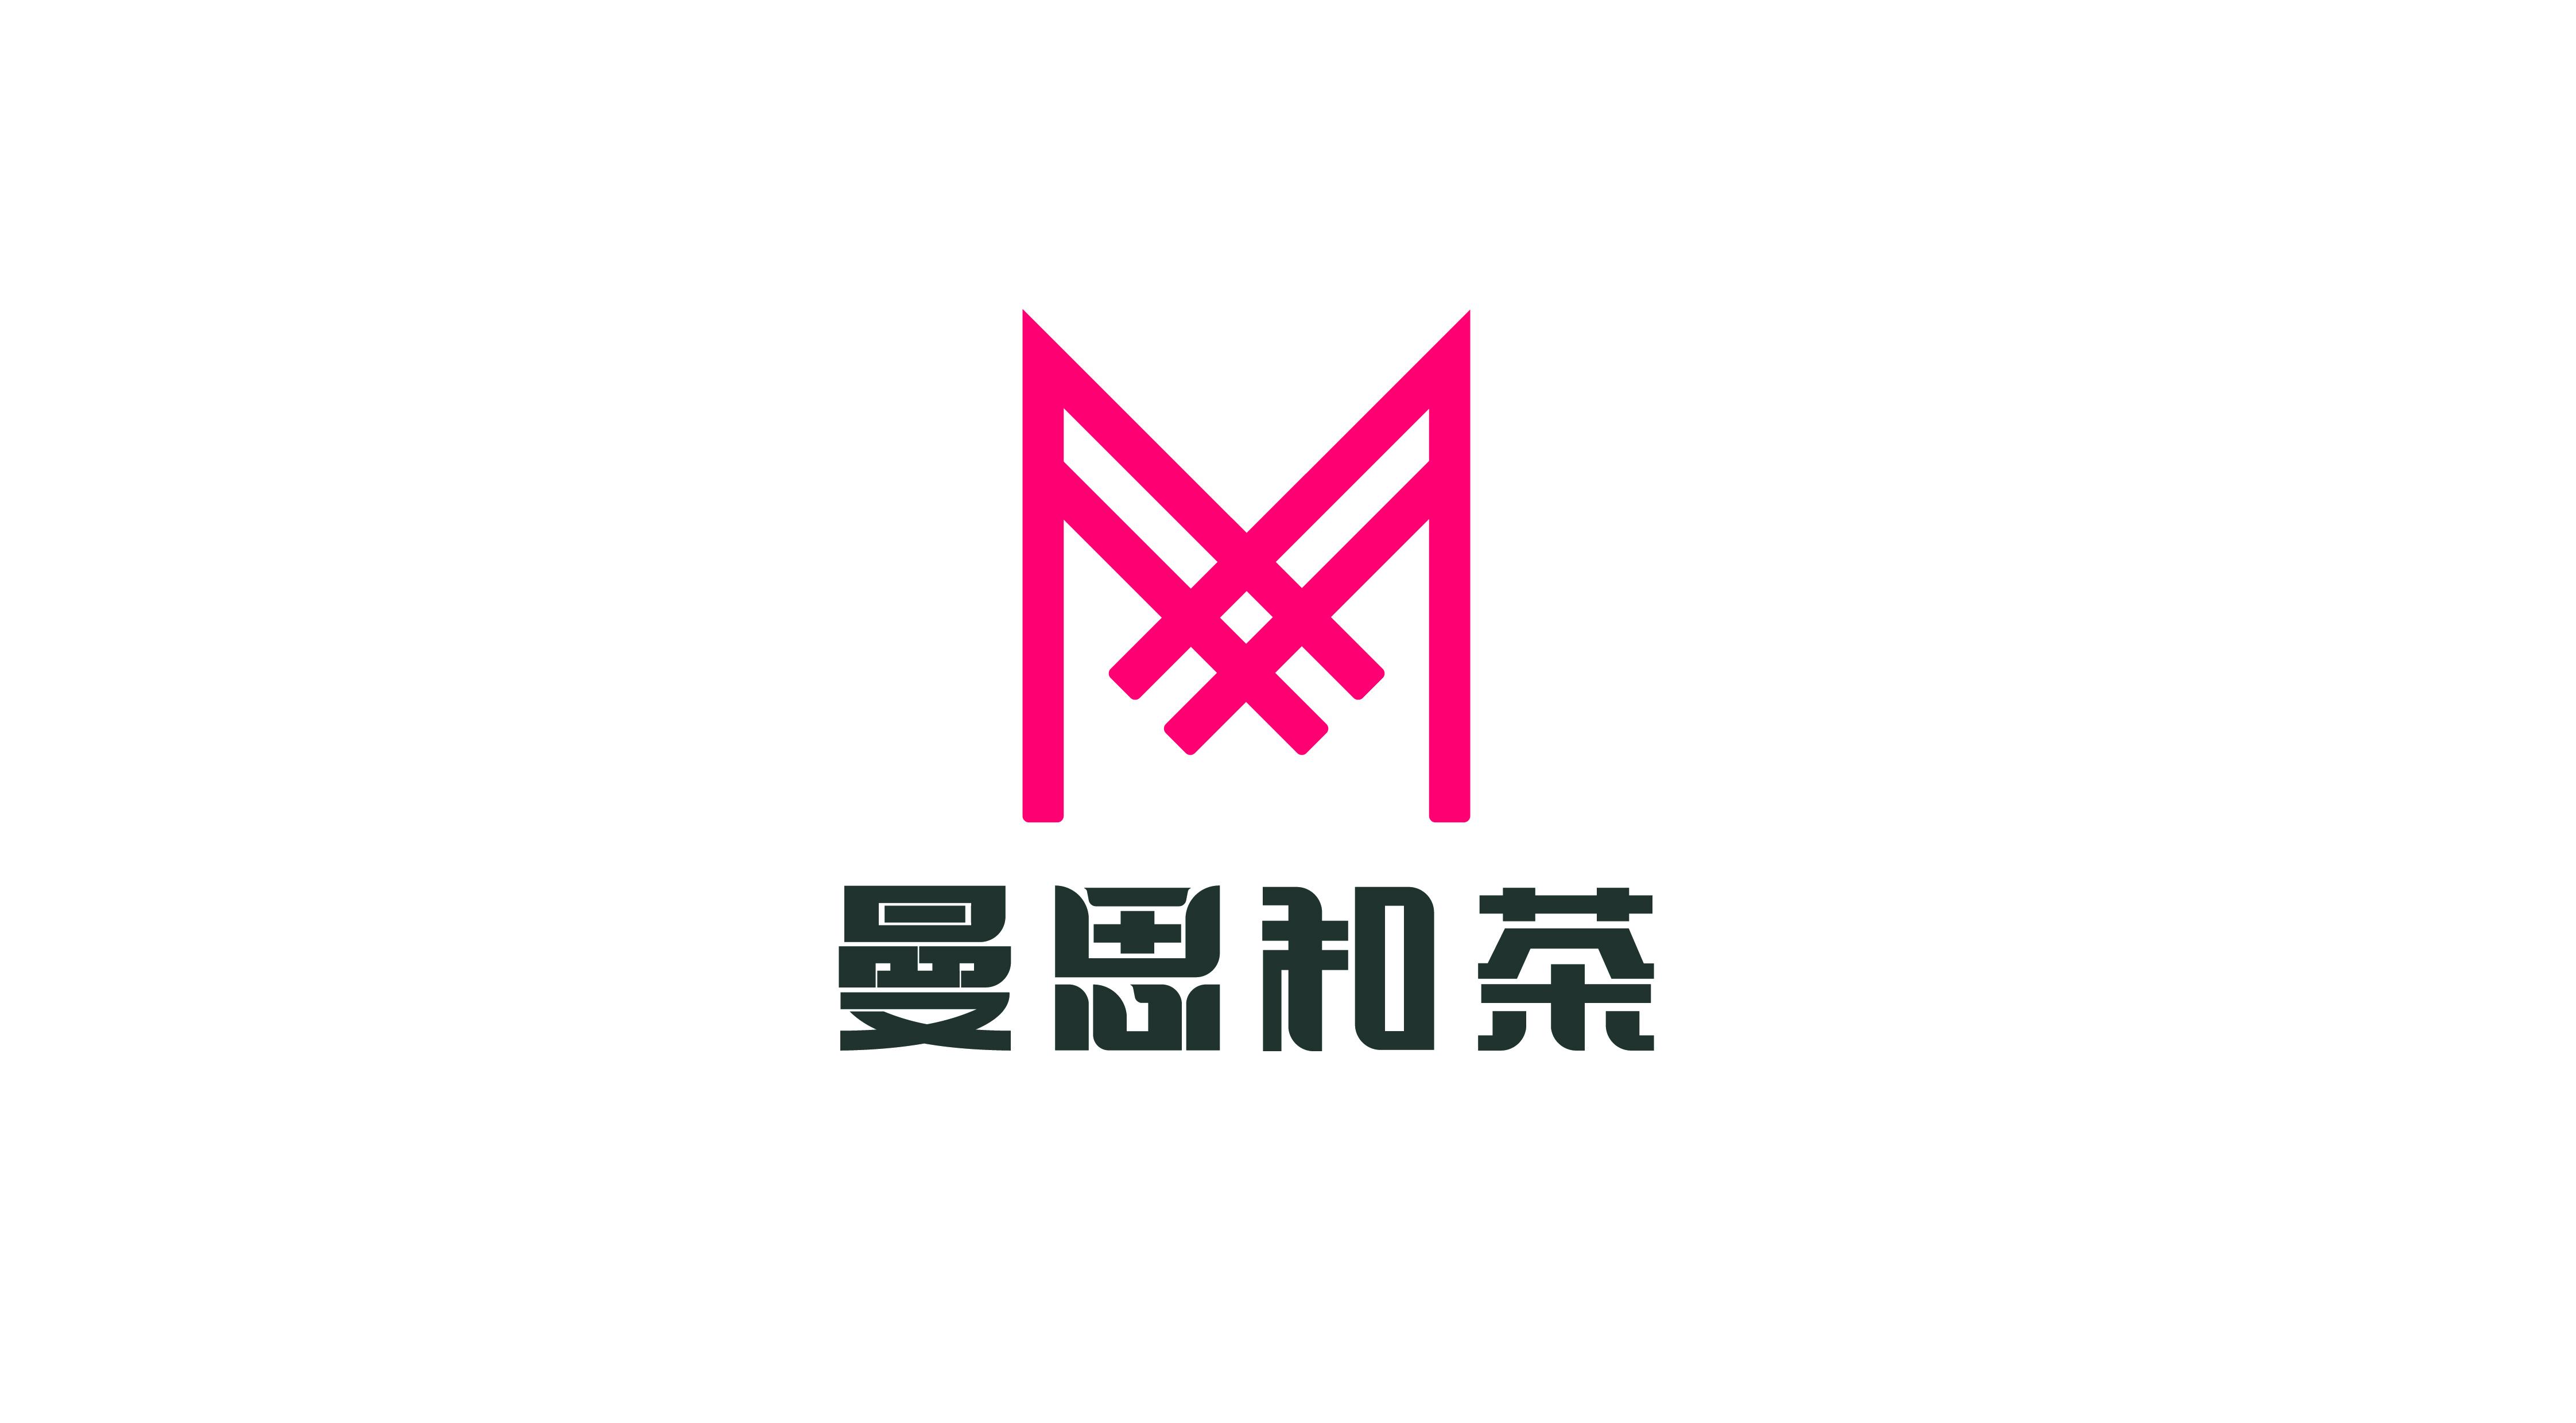 曼思和茶品牌LOGO设计